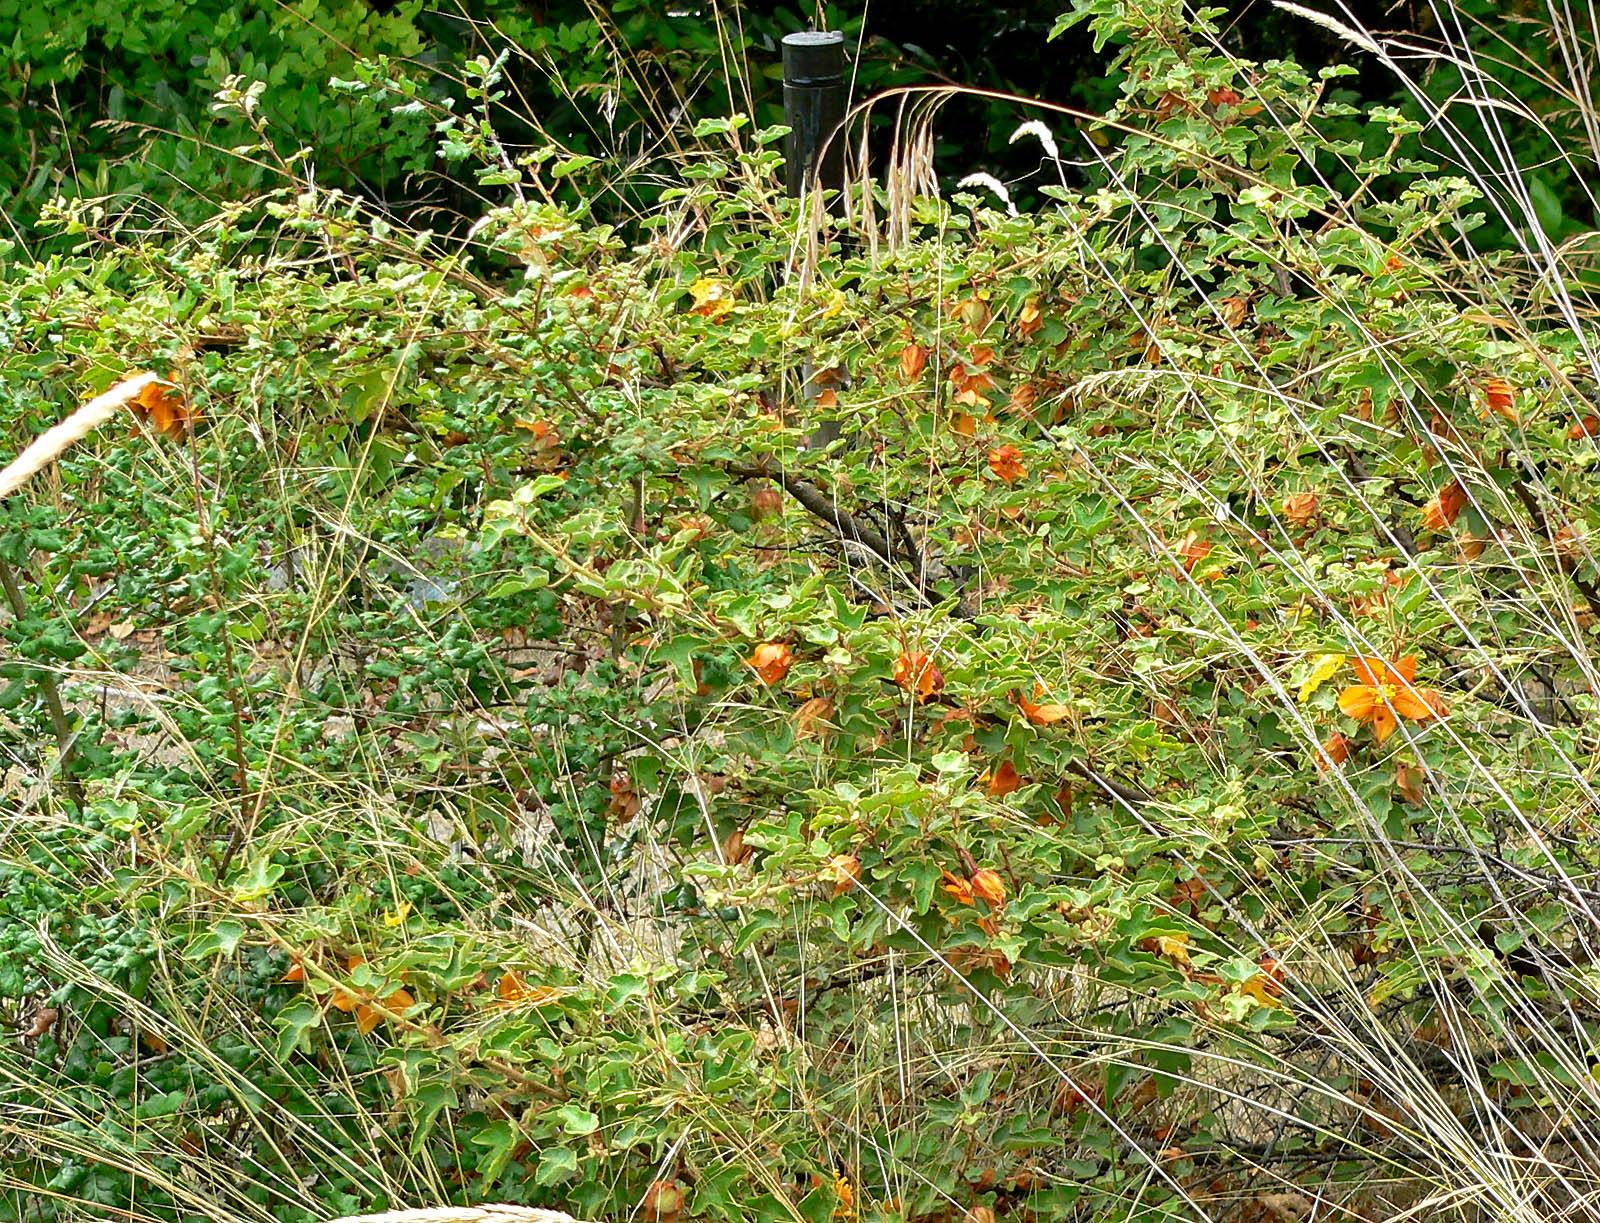 fremontodendron californicum ssp decumbens